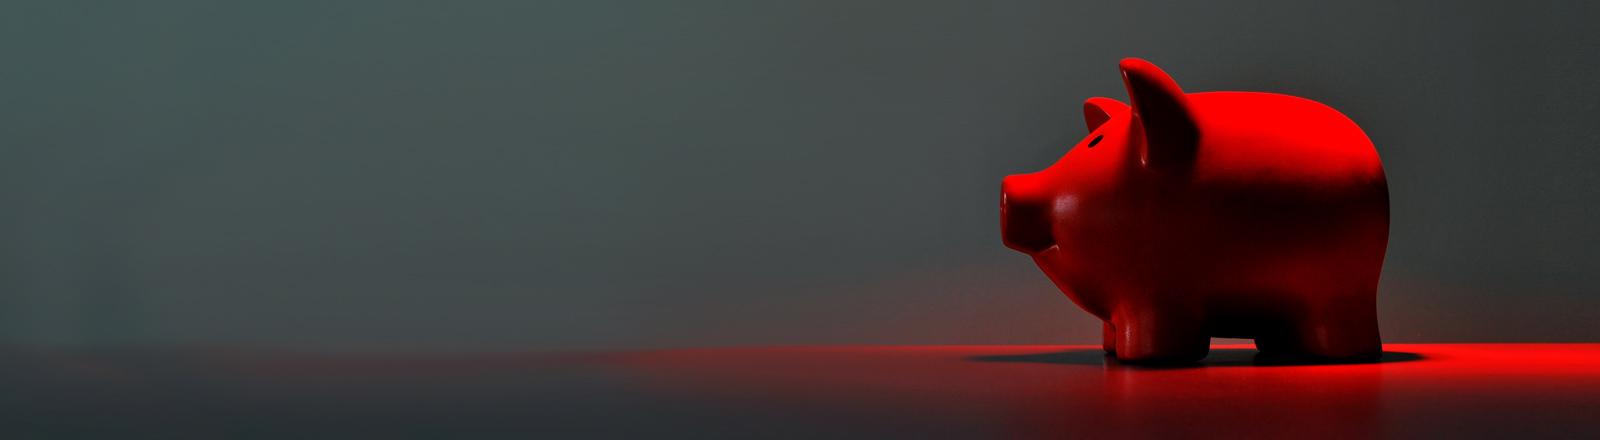 Ein rot angeleuchtetes Sparschwein